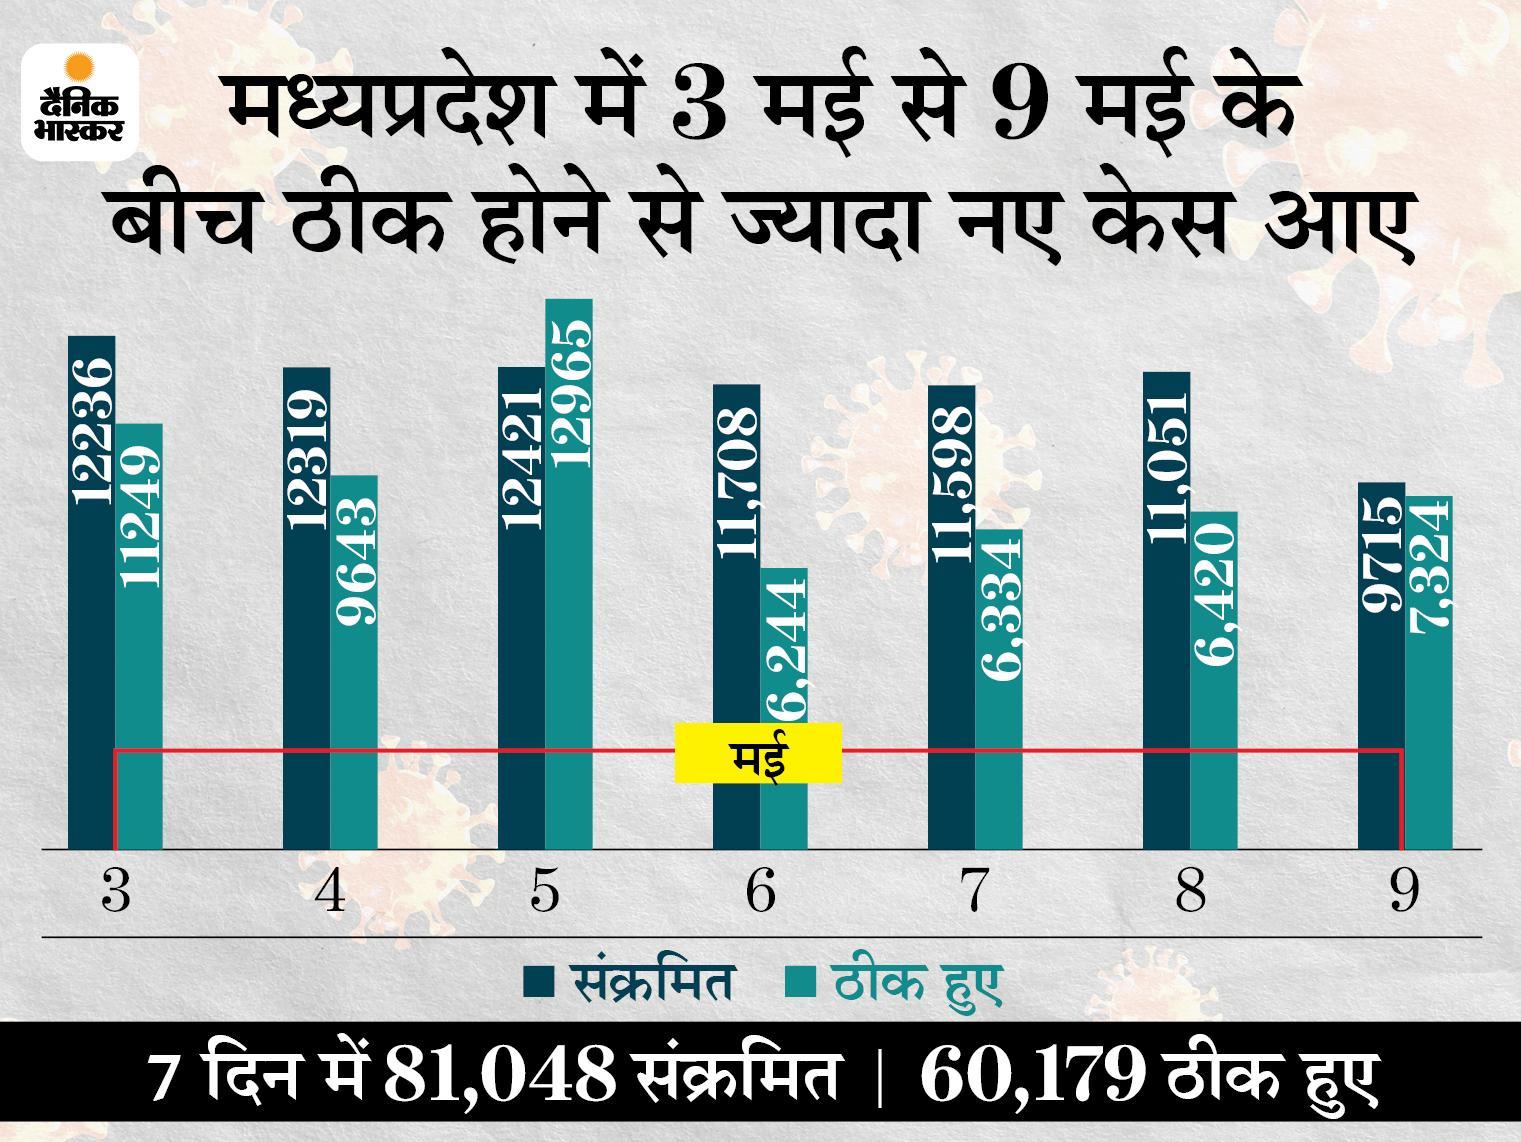 सतना के रैगांव से विधायक जुगल किशोर बागरी कुछ दिन पहले हुए थे संक्रमित, इलाज के दौरान भोपाल में दम तोड़ा; प्रदेश में 9,715 नए केस, 86 मौतें मध्य प्रदेश,Madhya Pradesh - Dainik Bhaskar